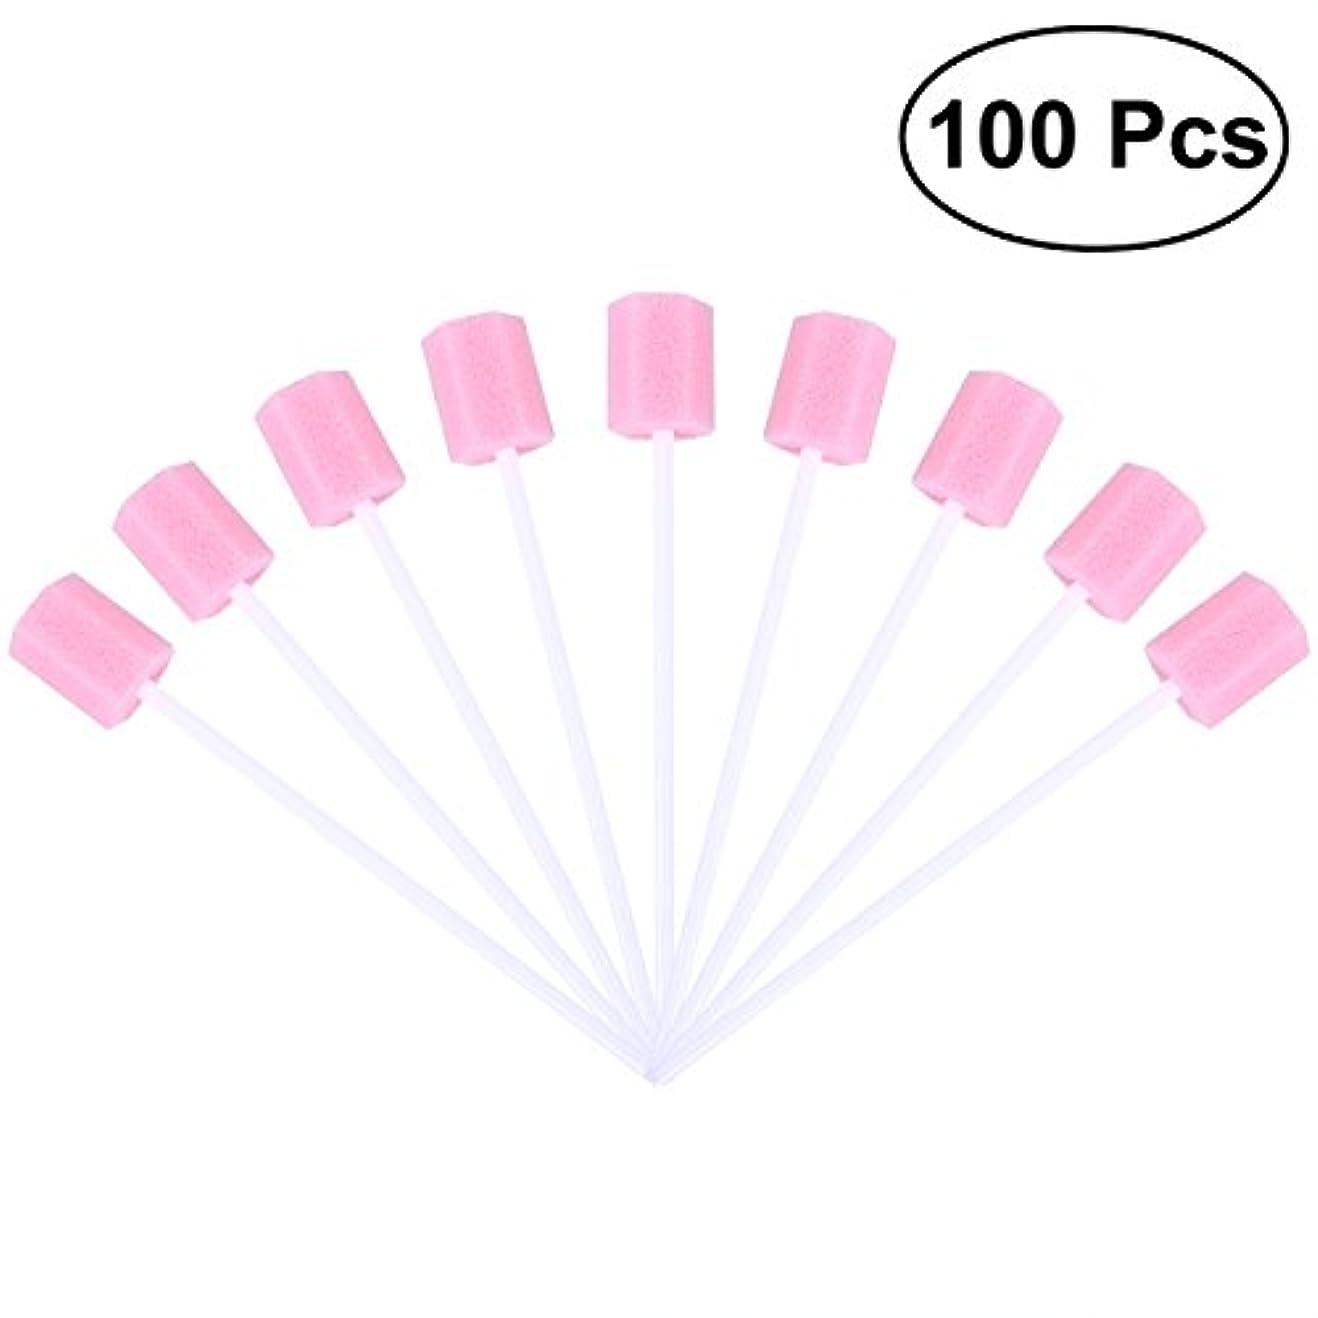 マイク木材前件ROSENICE 使い捨て口腔ケアスポンジスワブ歯口洗浄スワブ100個(ピンク)